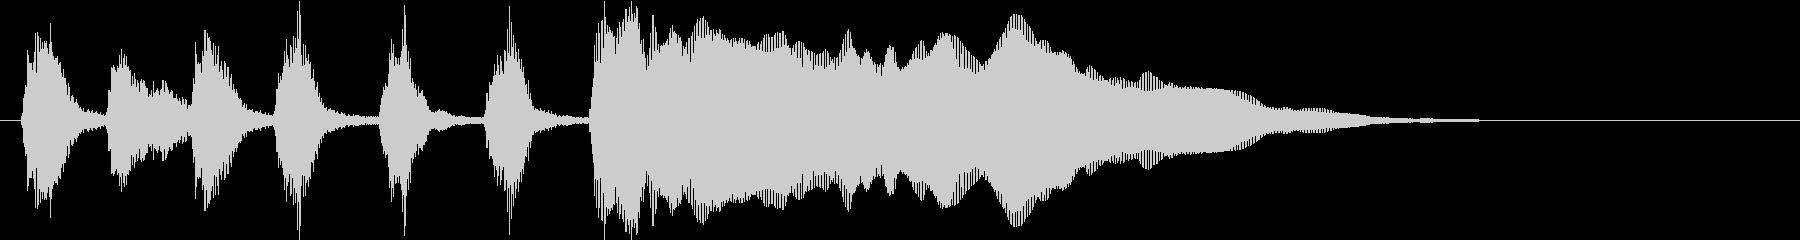 ファンファーレ♪〜喜び〜始まり〜の未再生の波形